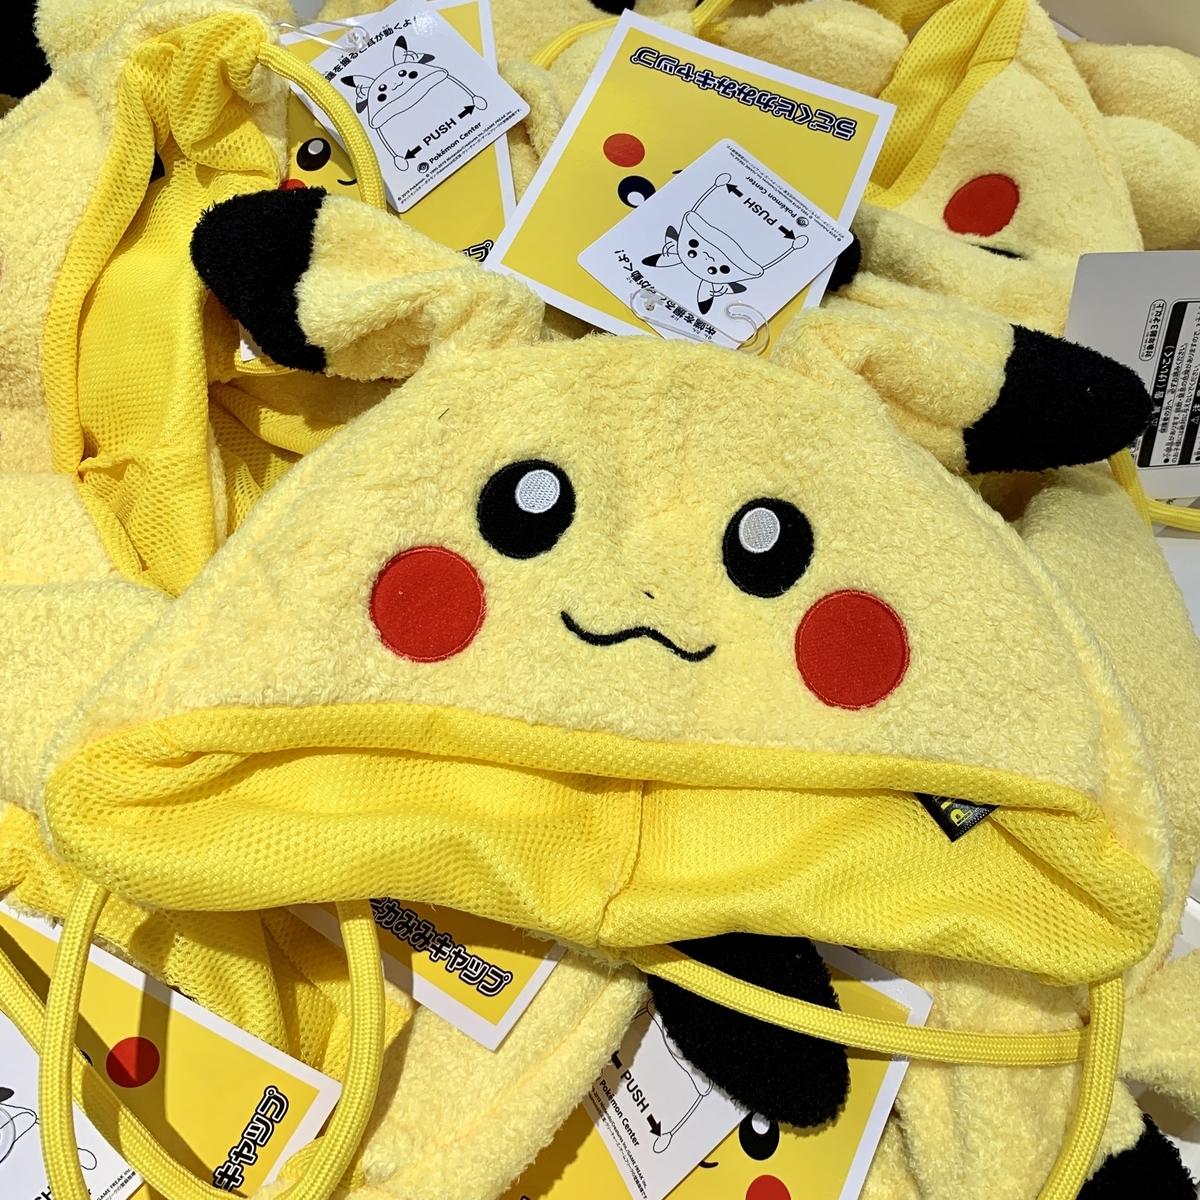 f:id:pikachu_pcn:20190907122141j:plain